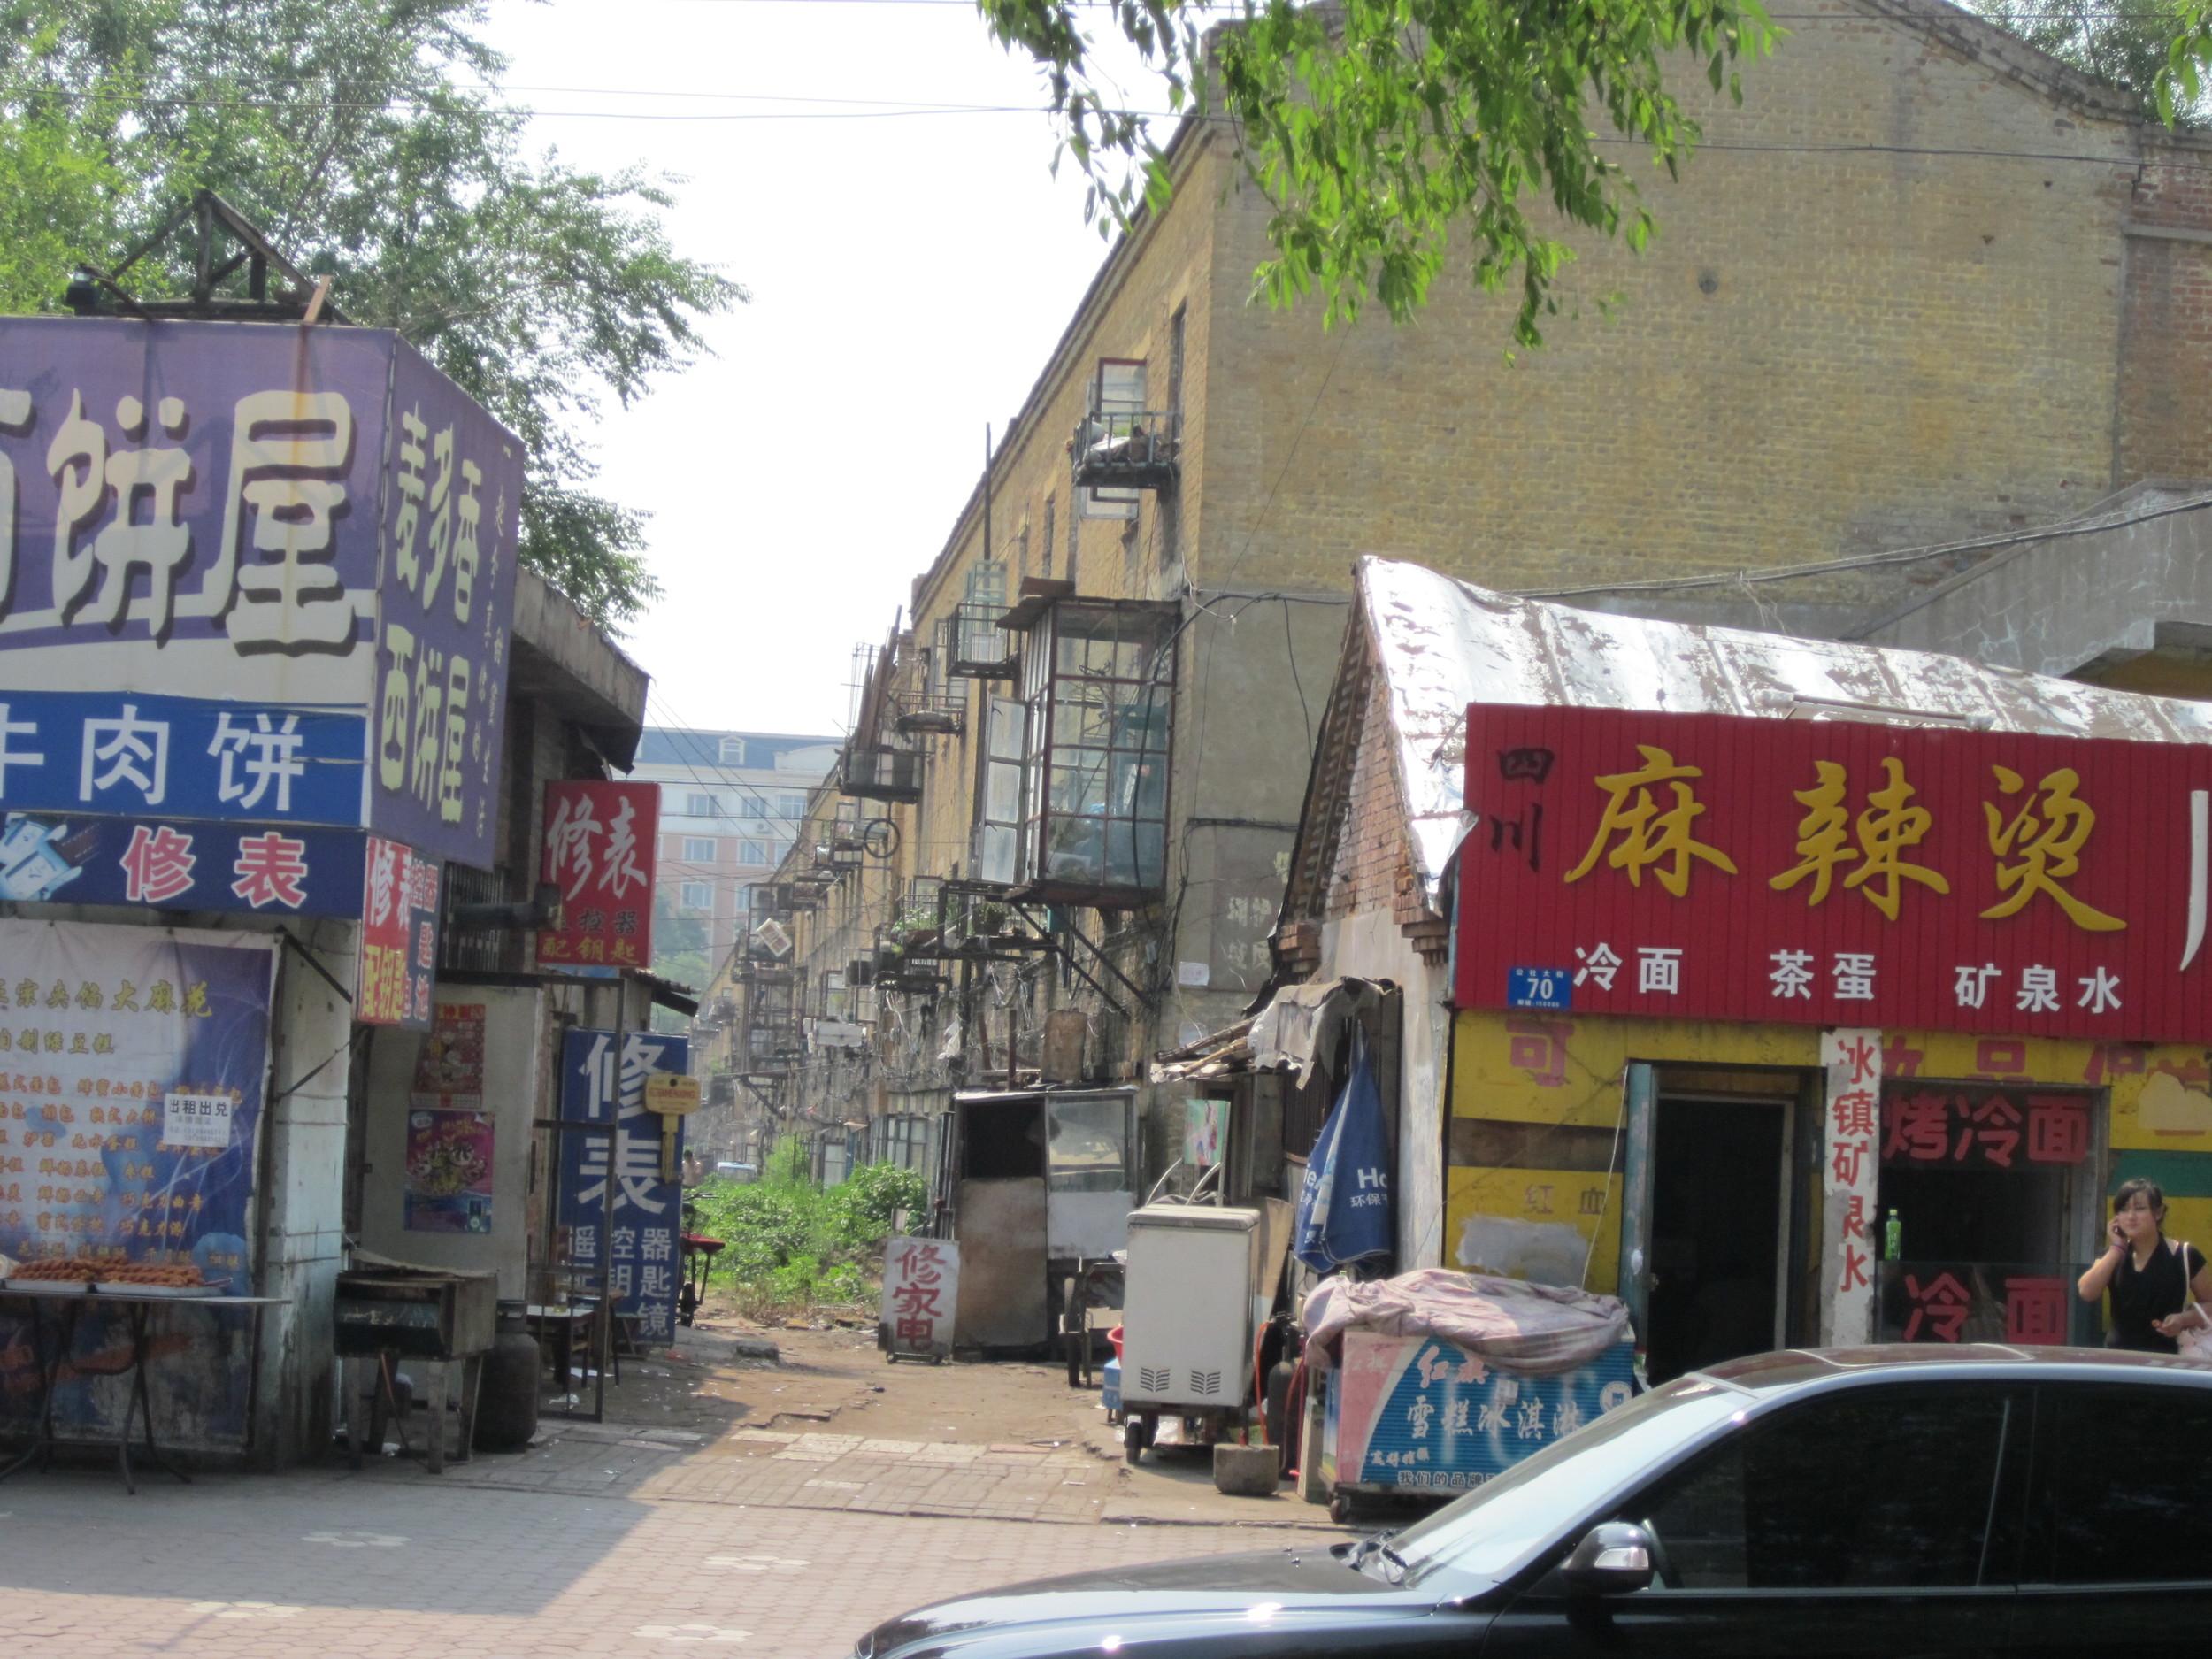 Former Japanese Barracks at PingFang